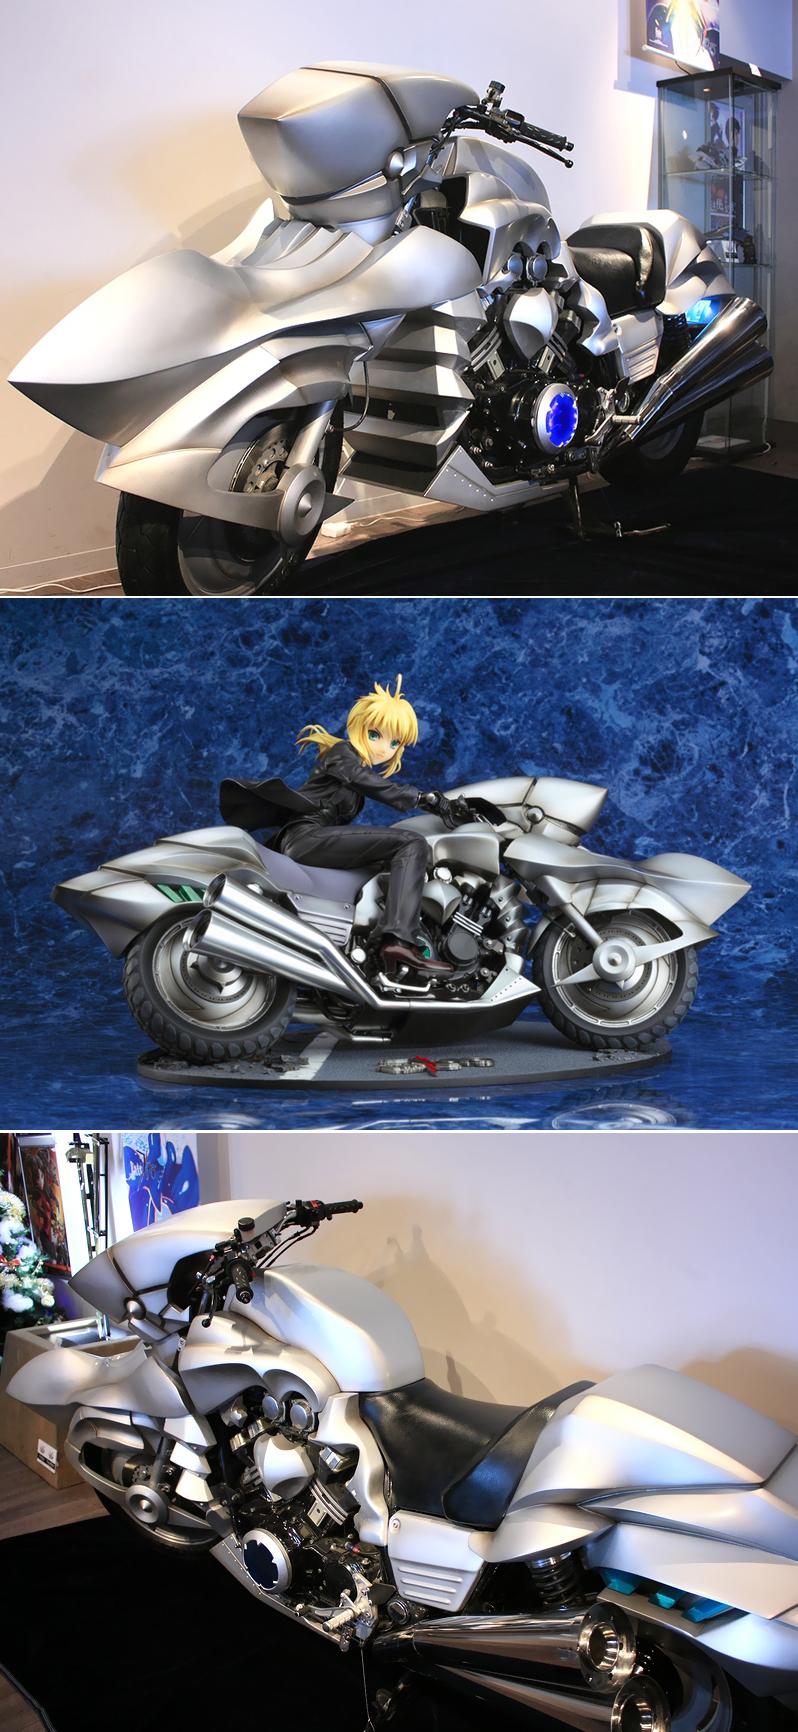 111217(2) - 精心打造《Fate/zero》原比例セイバー專用機車展示中、痛窗簾『カーテン魂コレクション01 ~你推特 我抽獎』活動進行中!